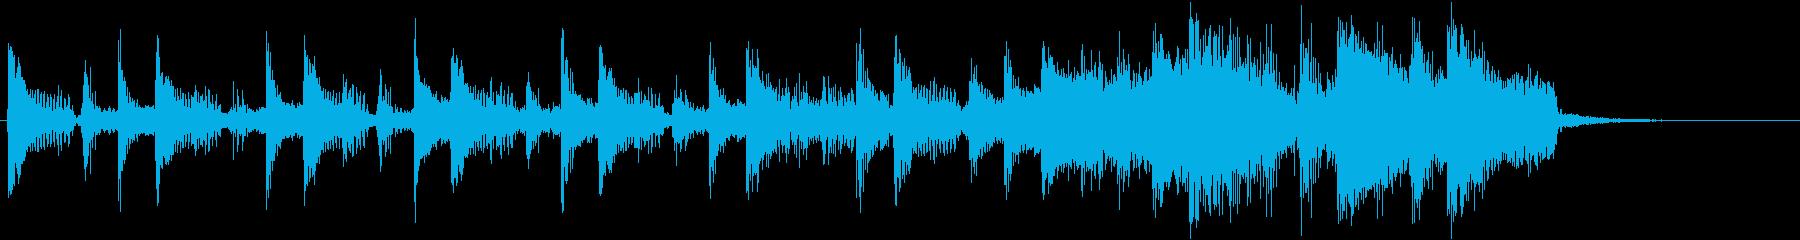 トライバルの段々大きくなるジングルの再生済みの波形